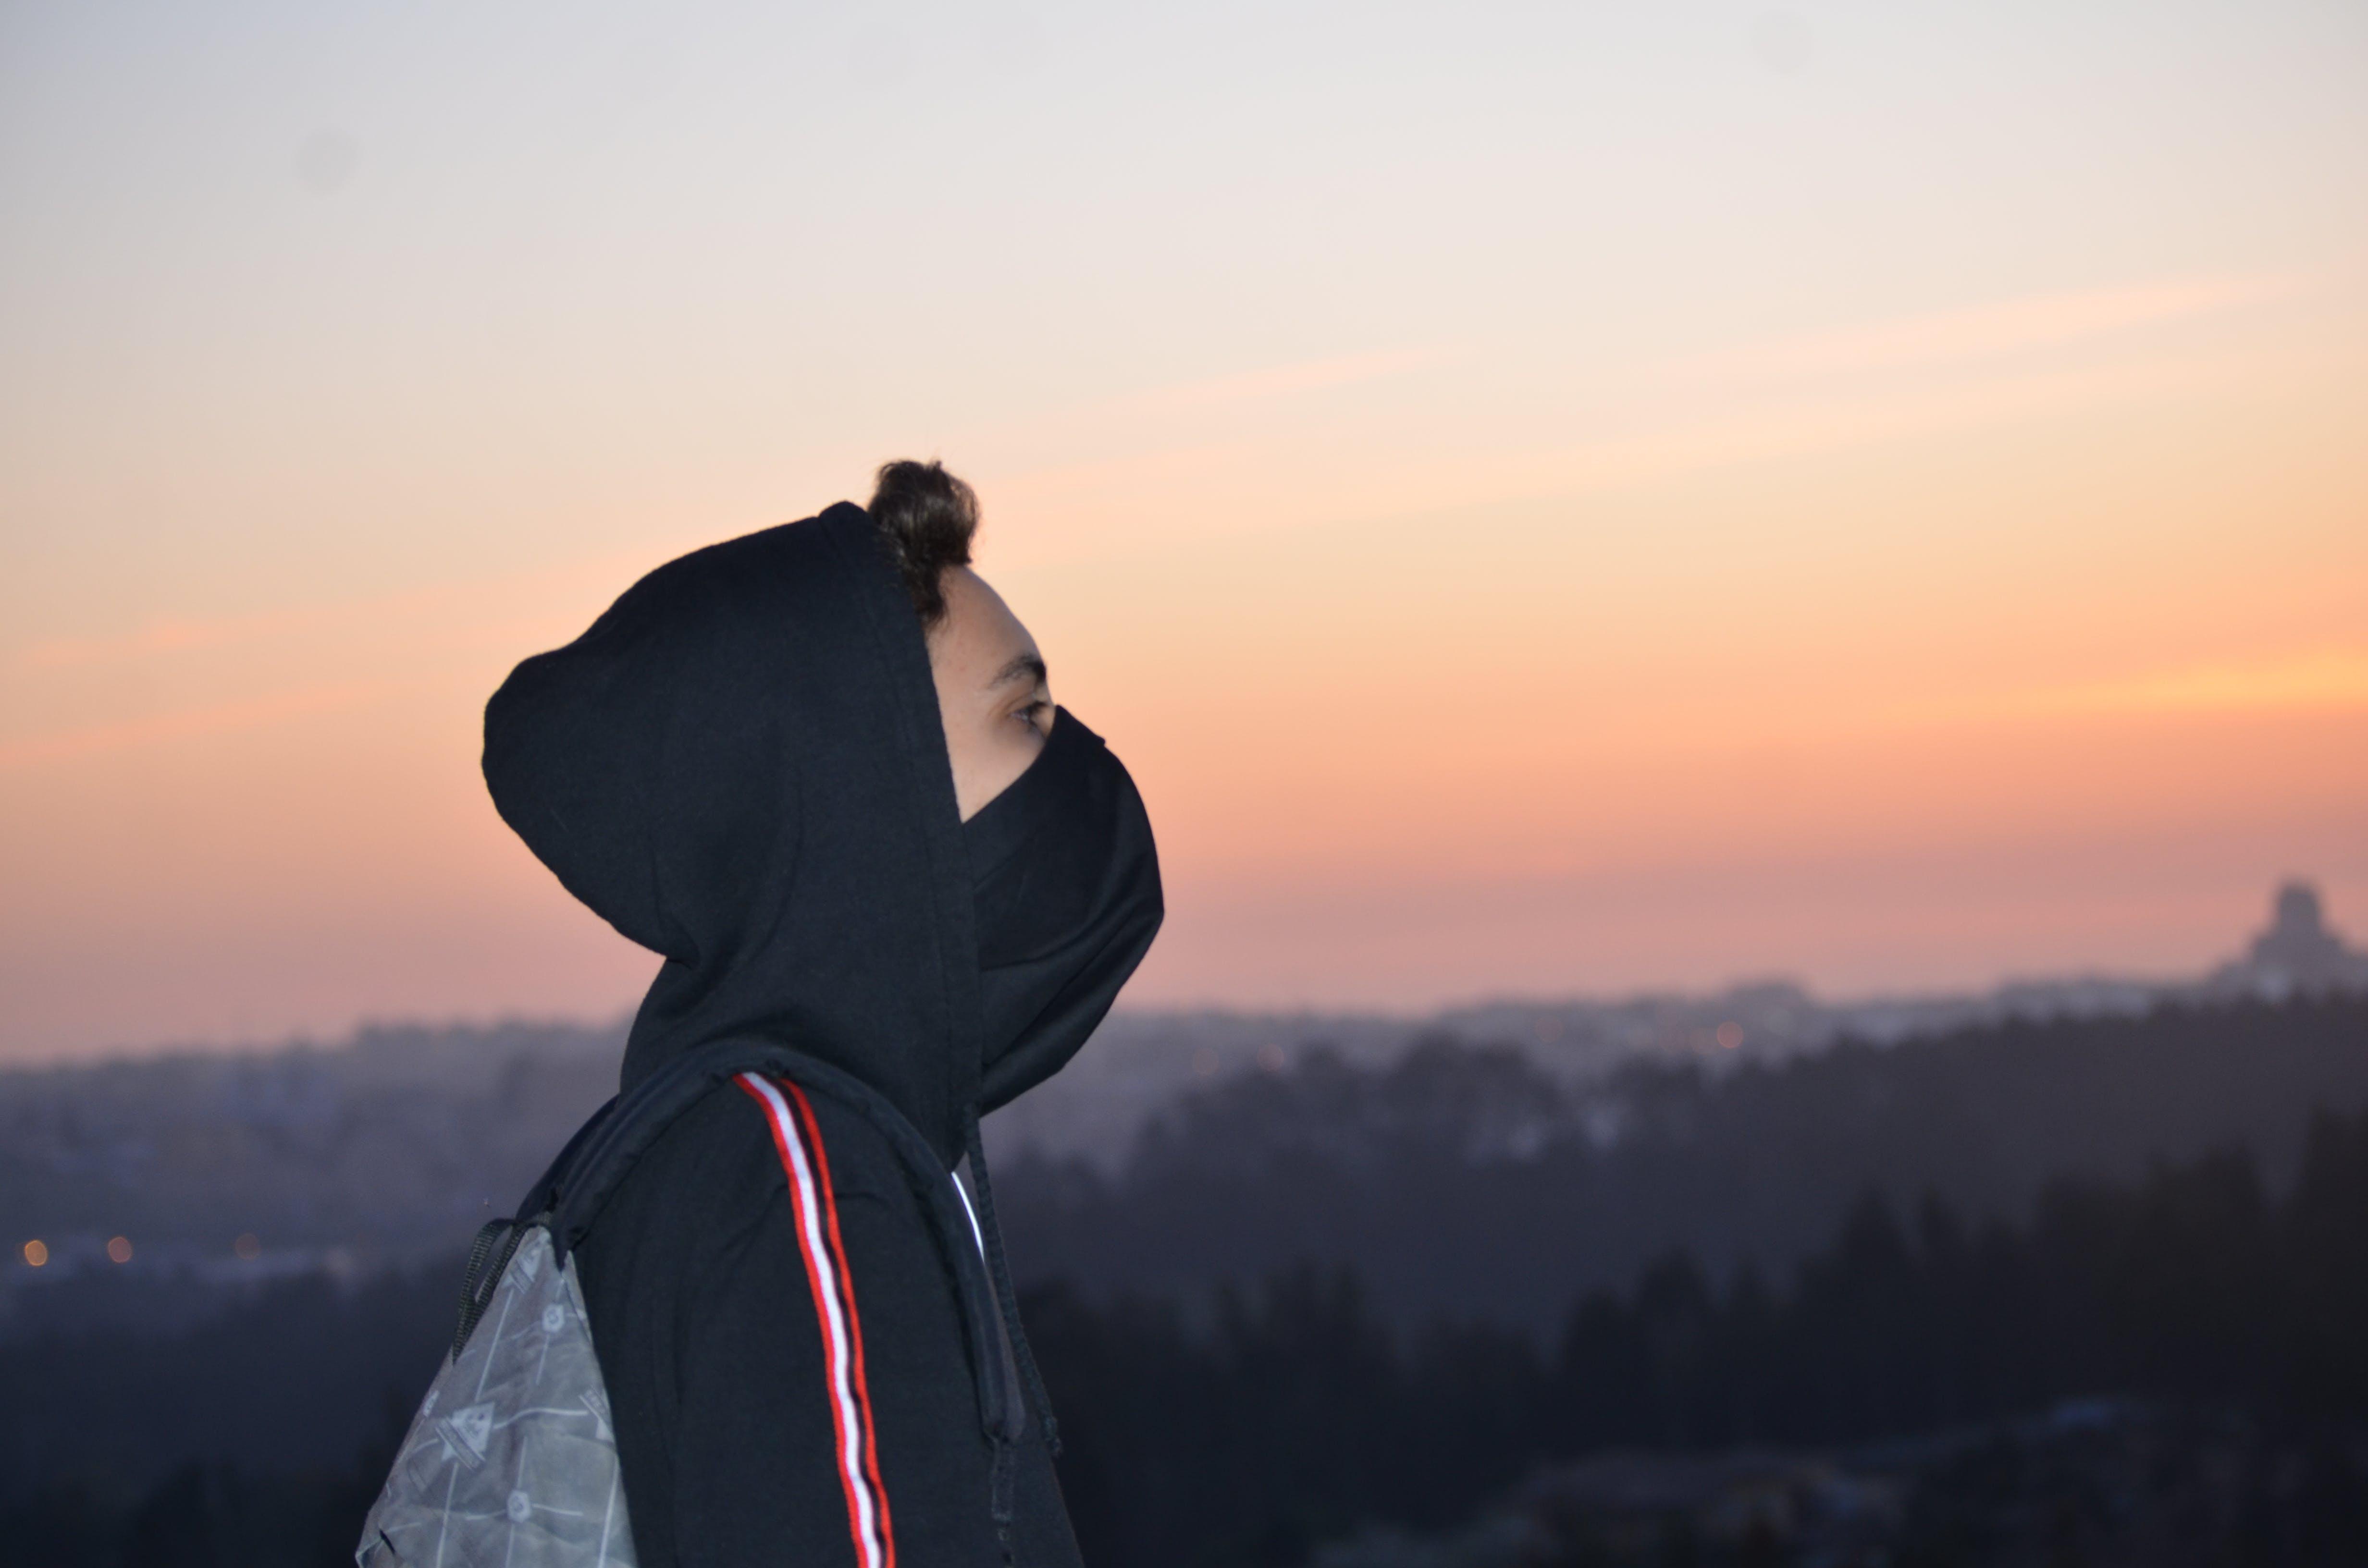 Person Wearing Black Hoodie